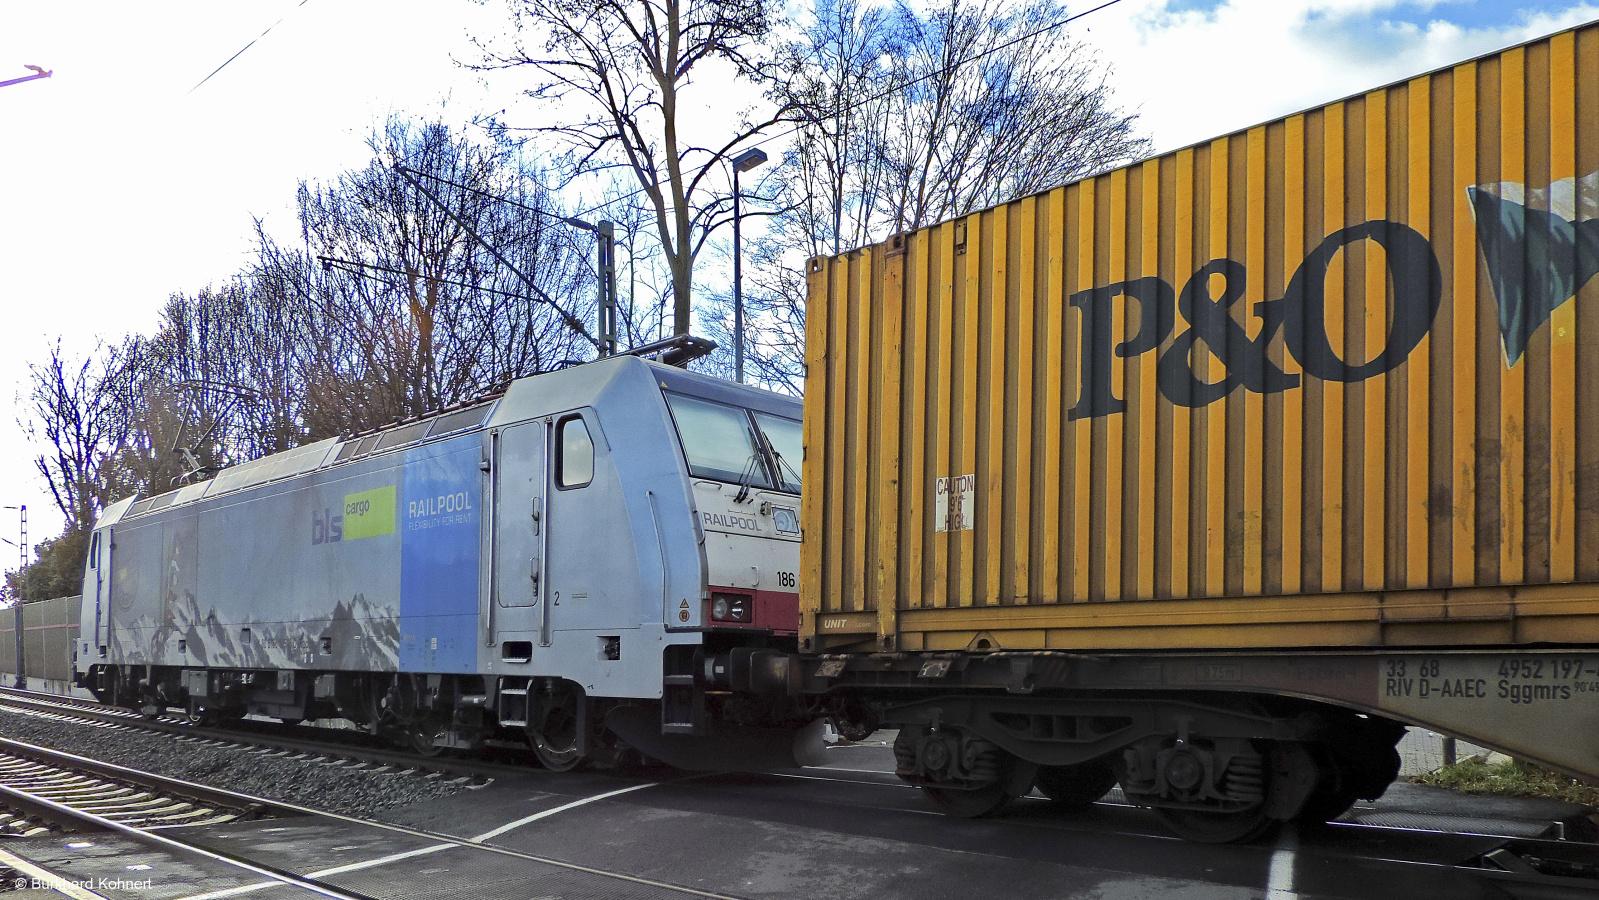 186 105 Railpool